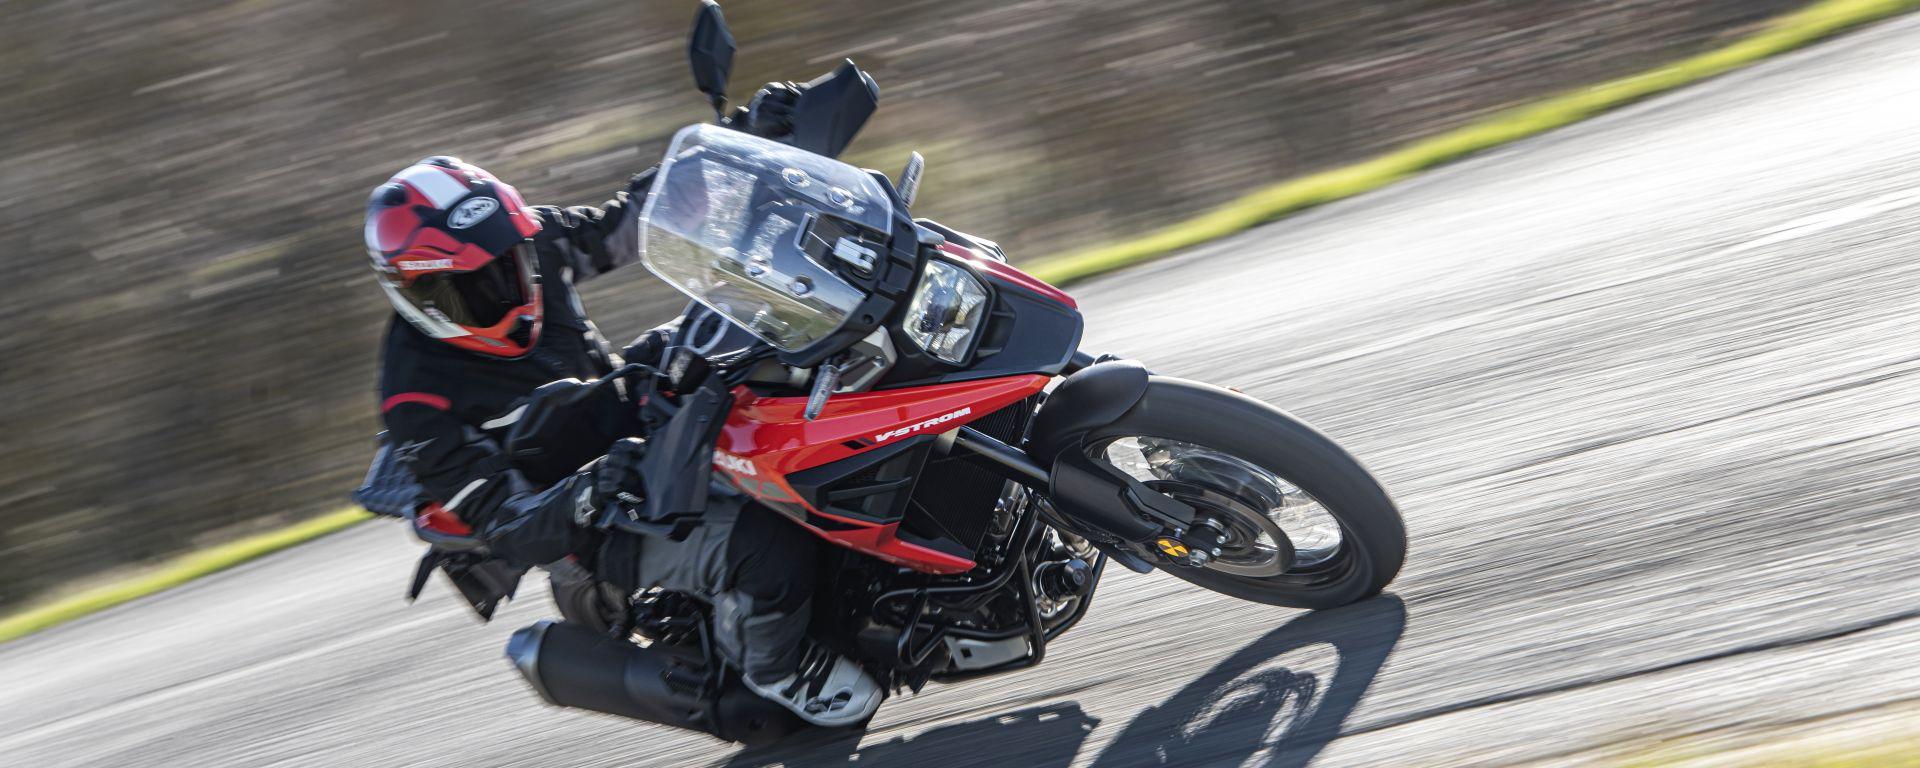 Suzuki V-Strom 1050XT, provala al Suzuki V-Strom Tour 2020